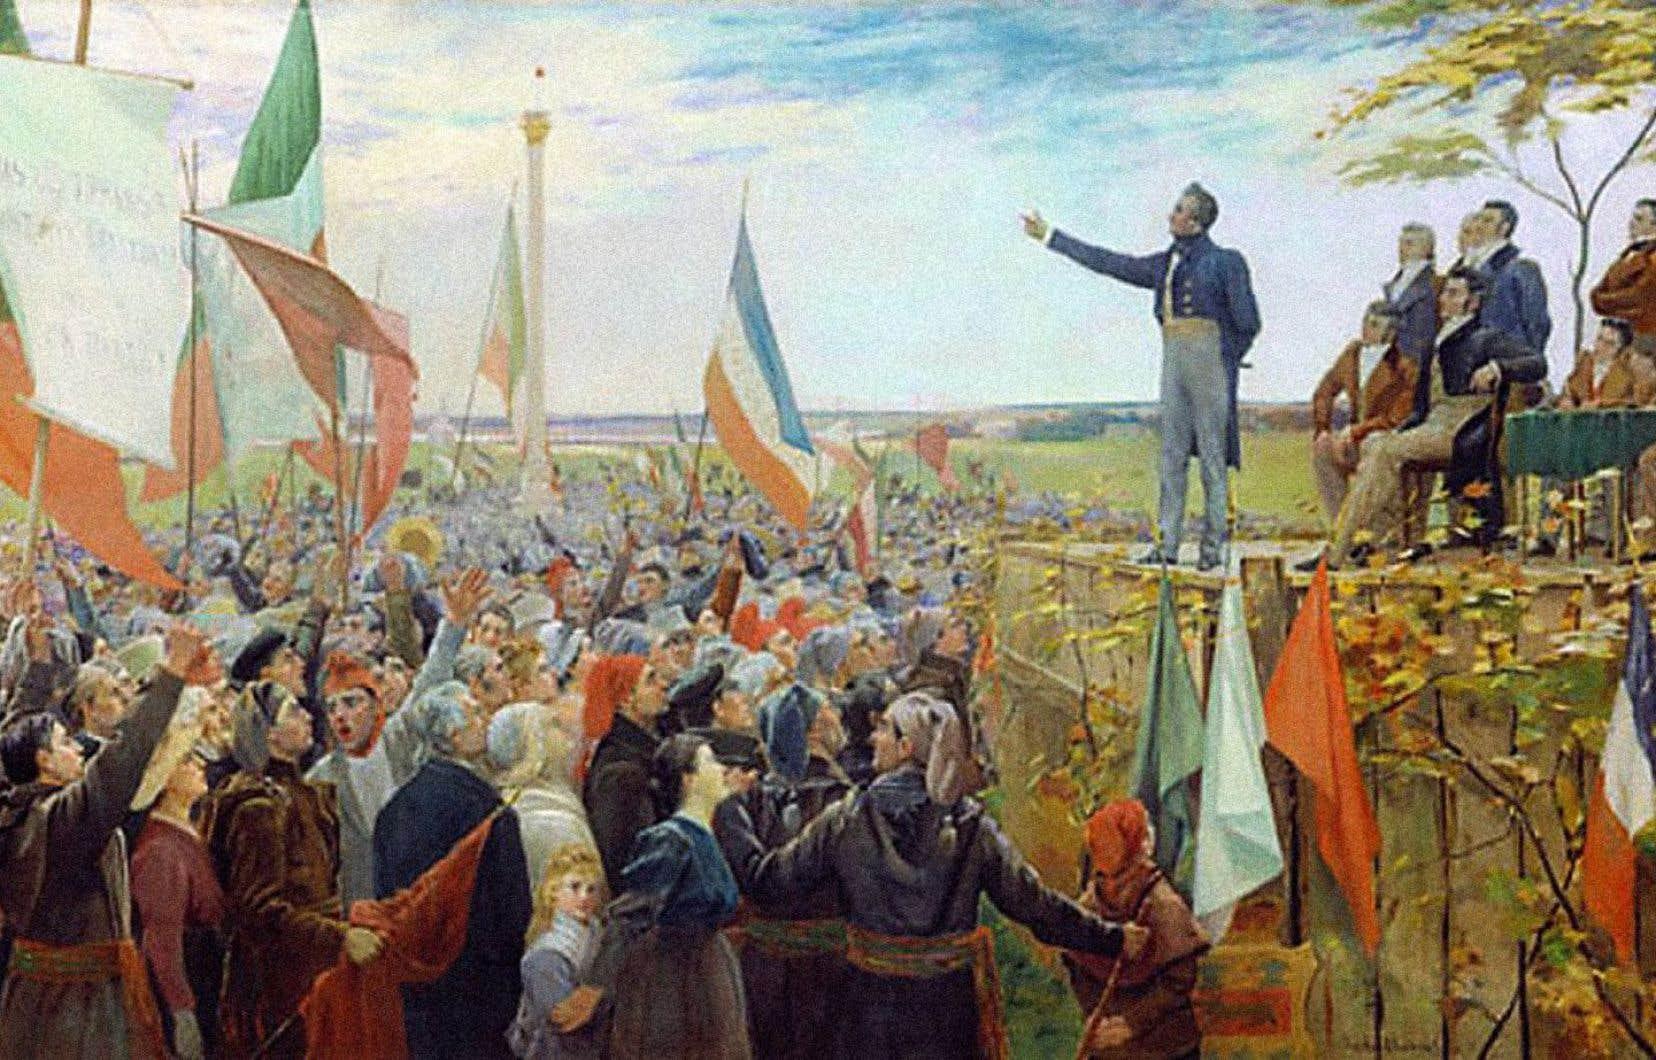 Louis-Joseph Papineau, chef du Parti patriote, mit de côté le gouvernement responsable lorsqu'il apprit des autorités britanniques qu'il ne serait jamais octroyé aux sujets du Bas-Canada.